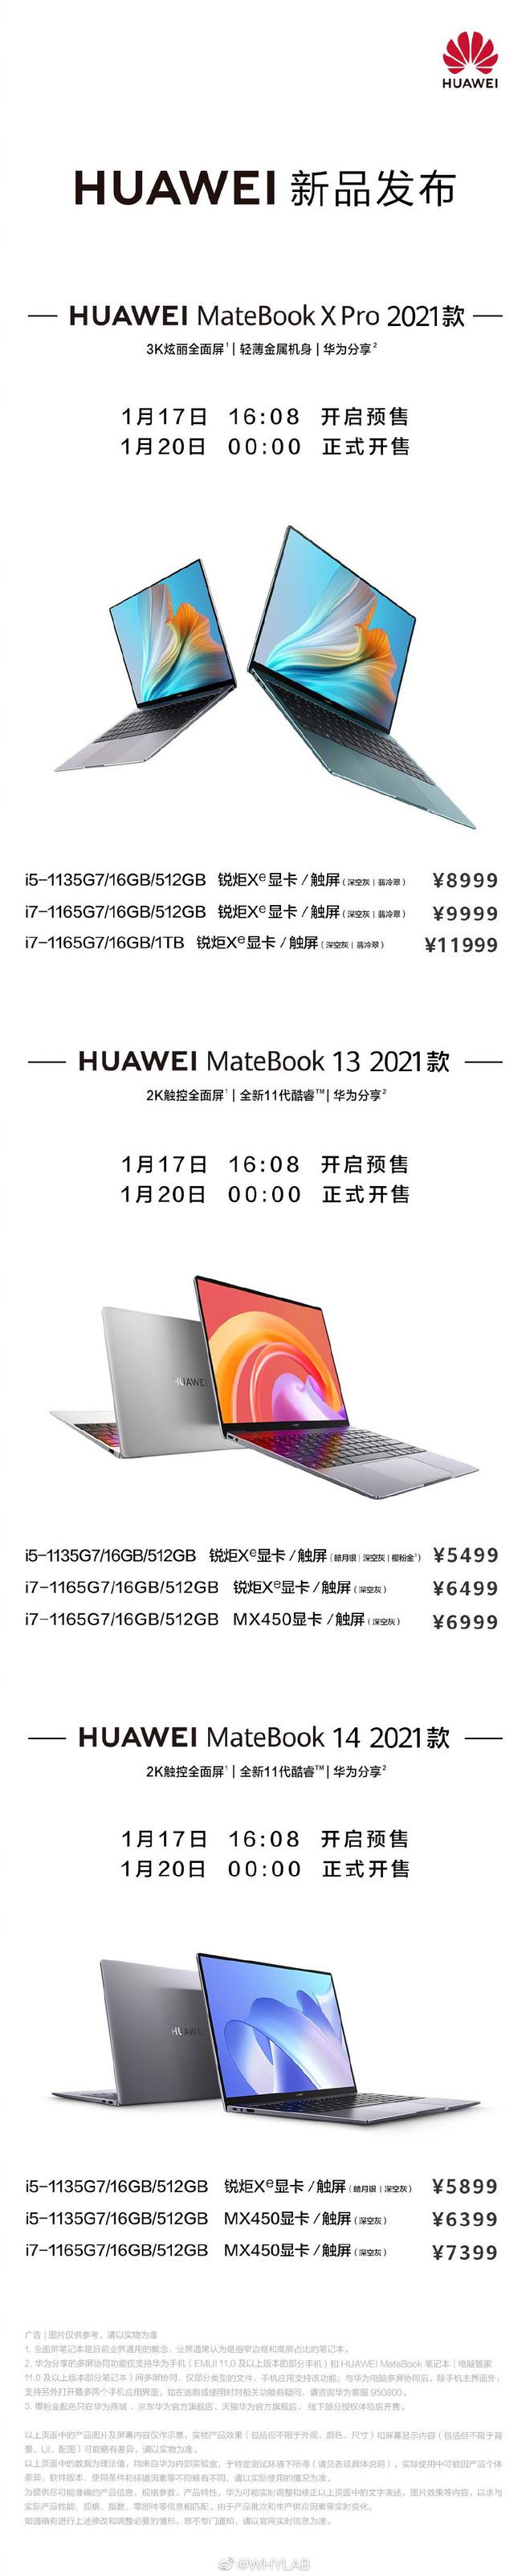 Huawei MateBook X Pro (2021) và MateBook 13/14 (2021) ra mắt: Màn hình cảm ứng, Intel Core thế hệ 11, Nvidia MX450, giá từ 19.6 triệu đồng - Ảnh 10.